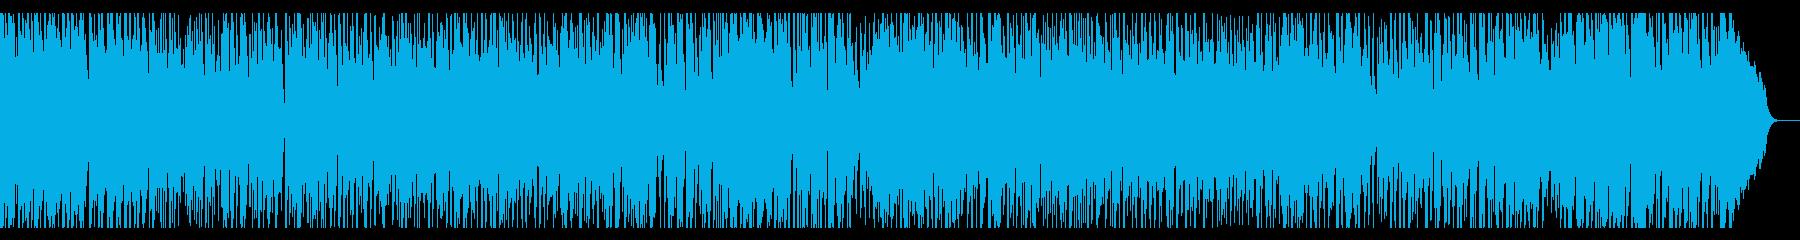 生音・生演奏・軽快で陽気なブルーグラスの再生済みの波形